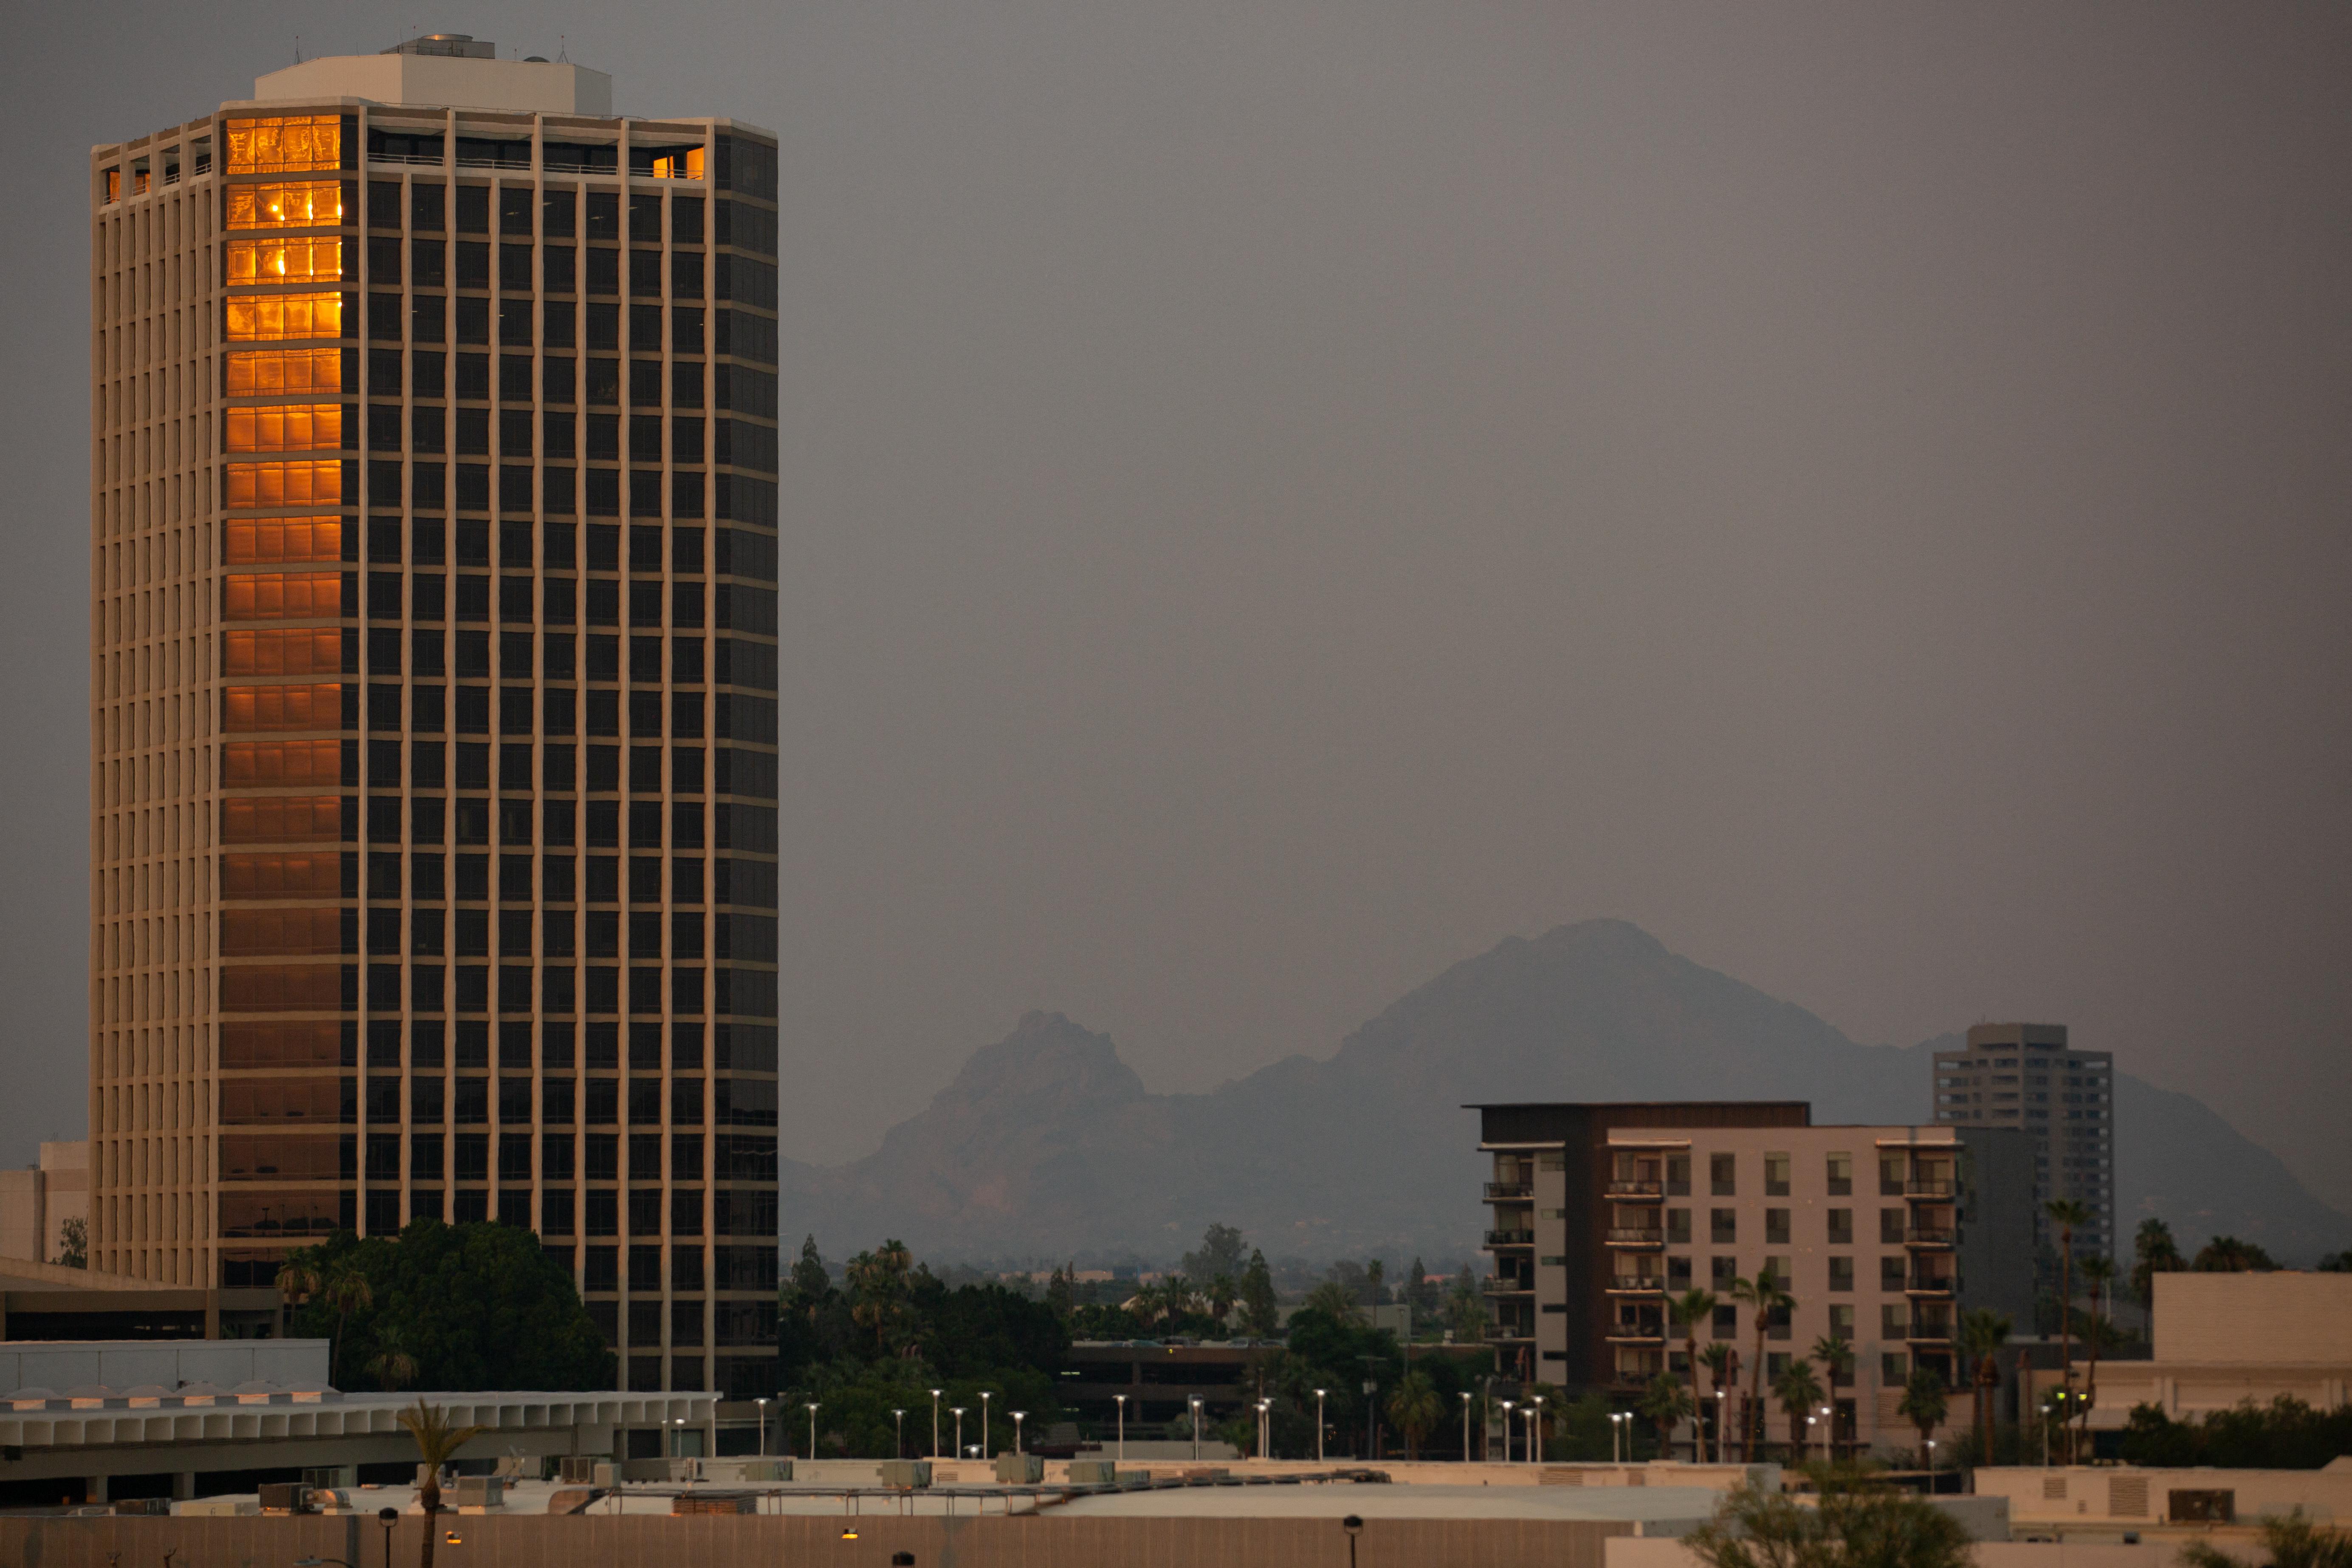 Amerikában rekordokat döntögető hőség van, Phoenixben 47 fokot mértek